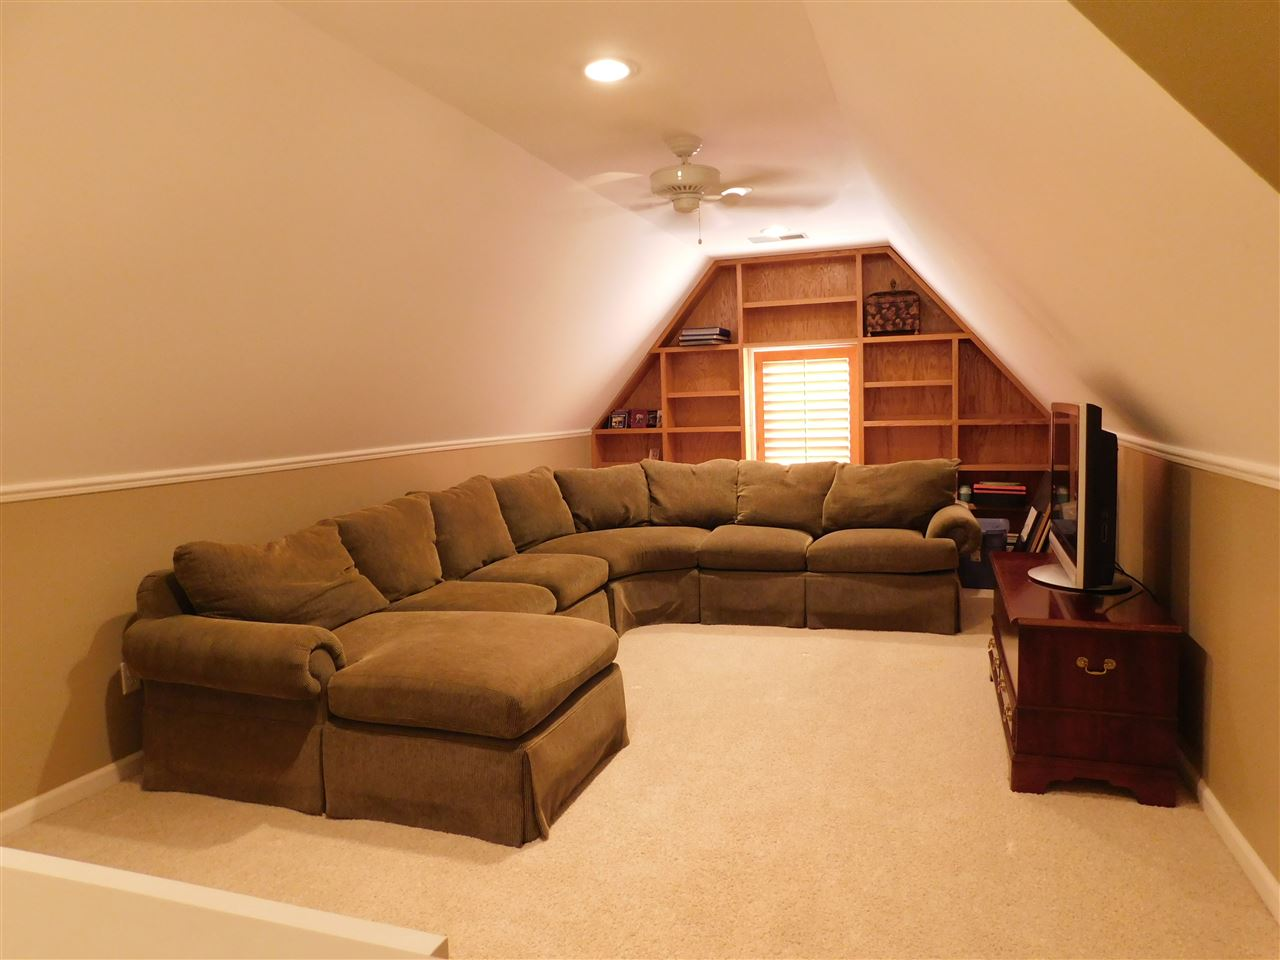 614 W Warwick Oaks Collierville, TN 38017 - MLS #: 10011574